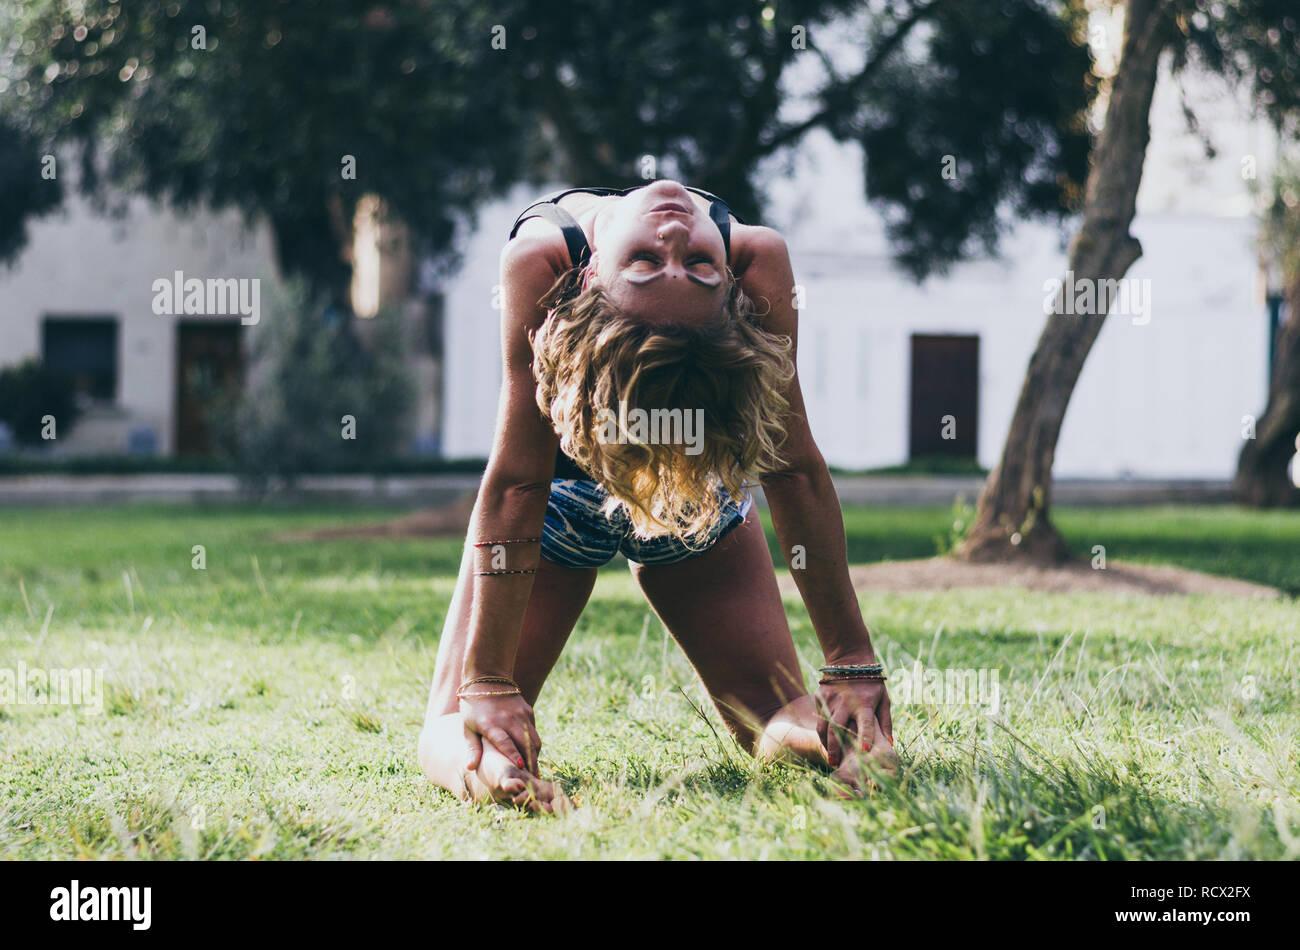 Yoga - draußen junge Schöne schlanke Frau Yoga Lehrer tun Kamel Ustrasana asana Übung im Freien dar. Vintage Retro wirksam gefiltert Hipster style Bild. Stockfoto